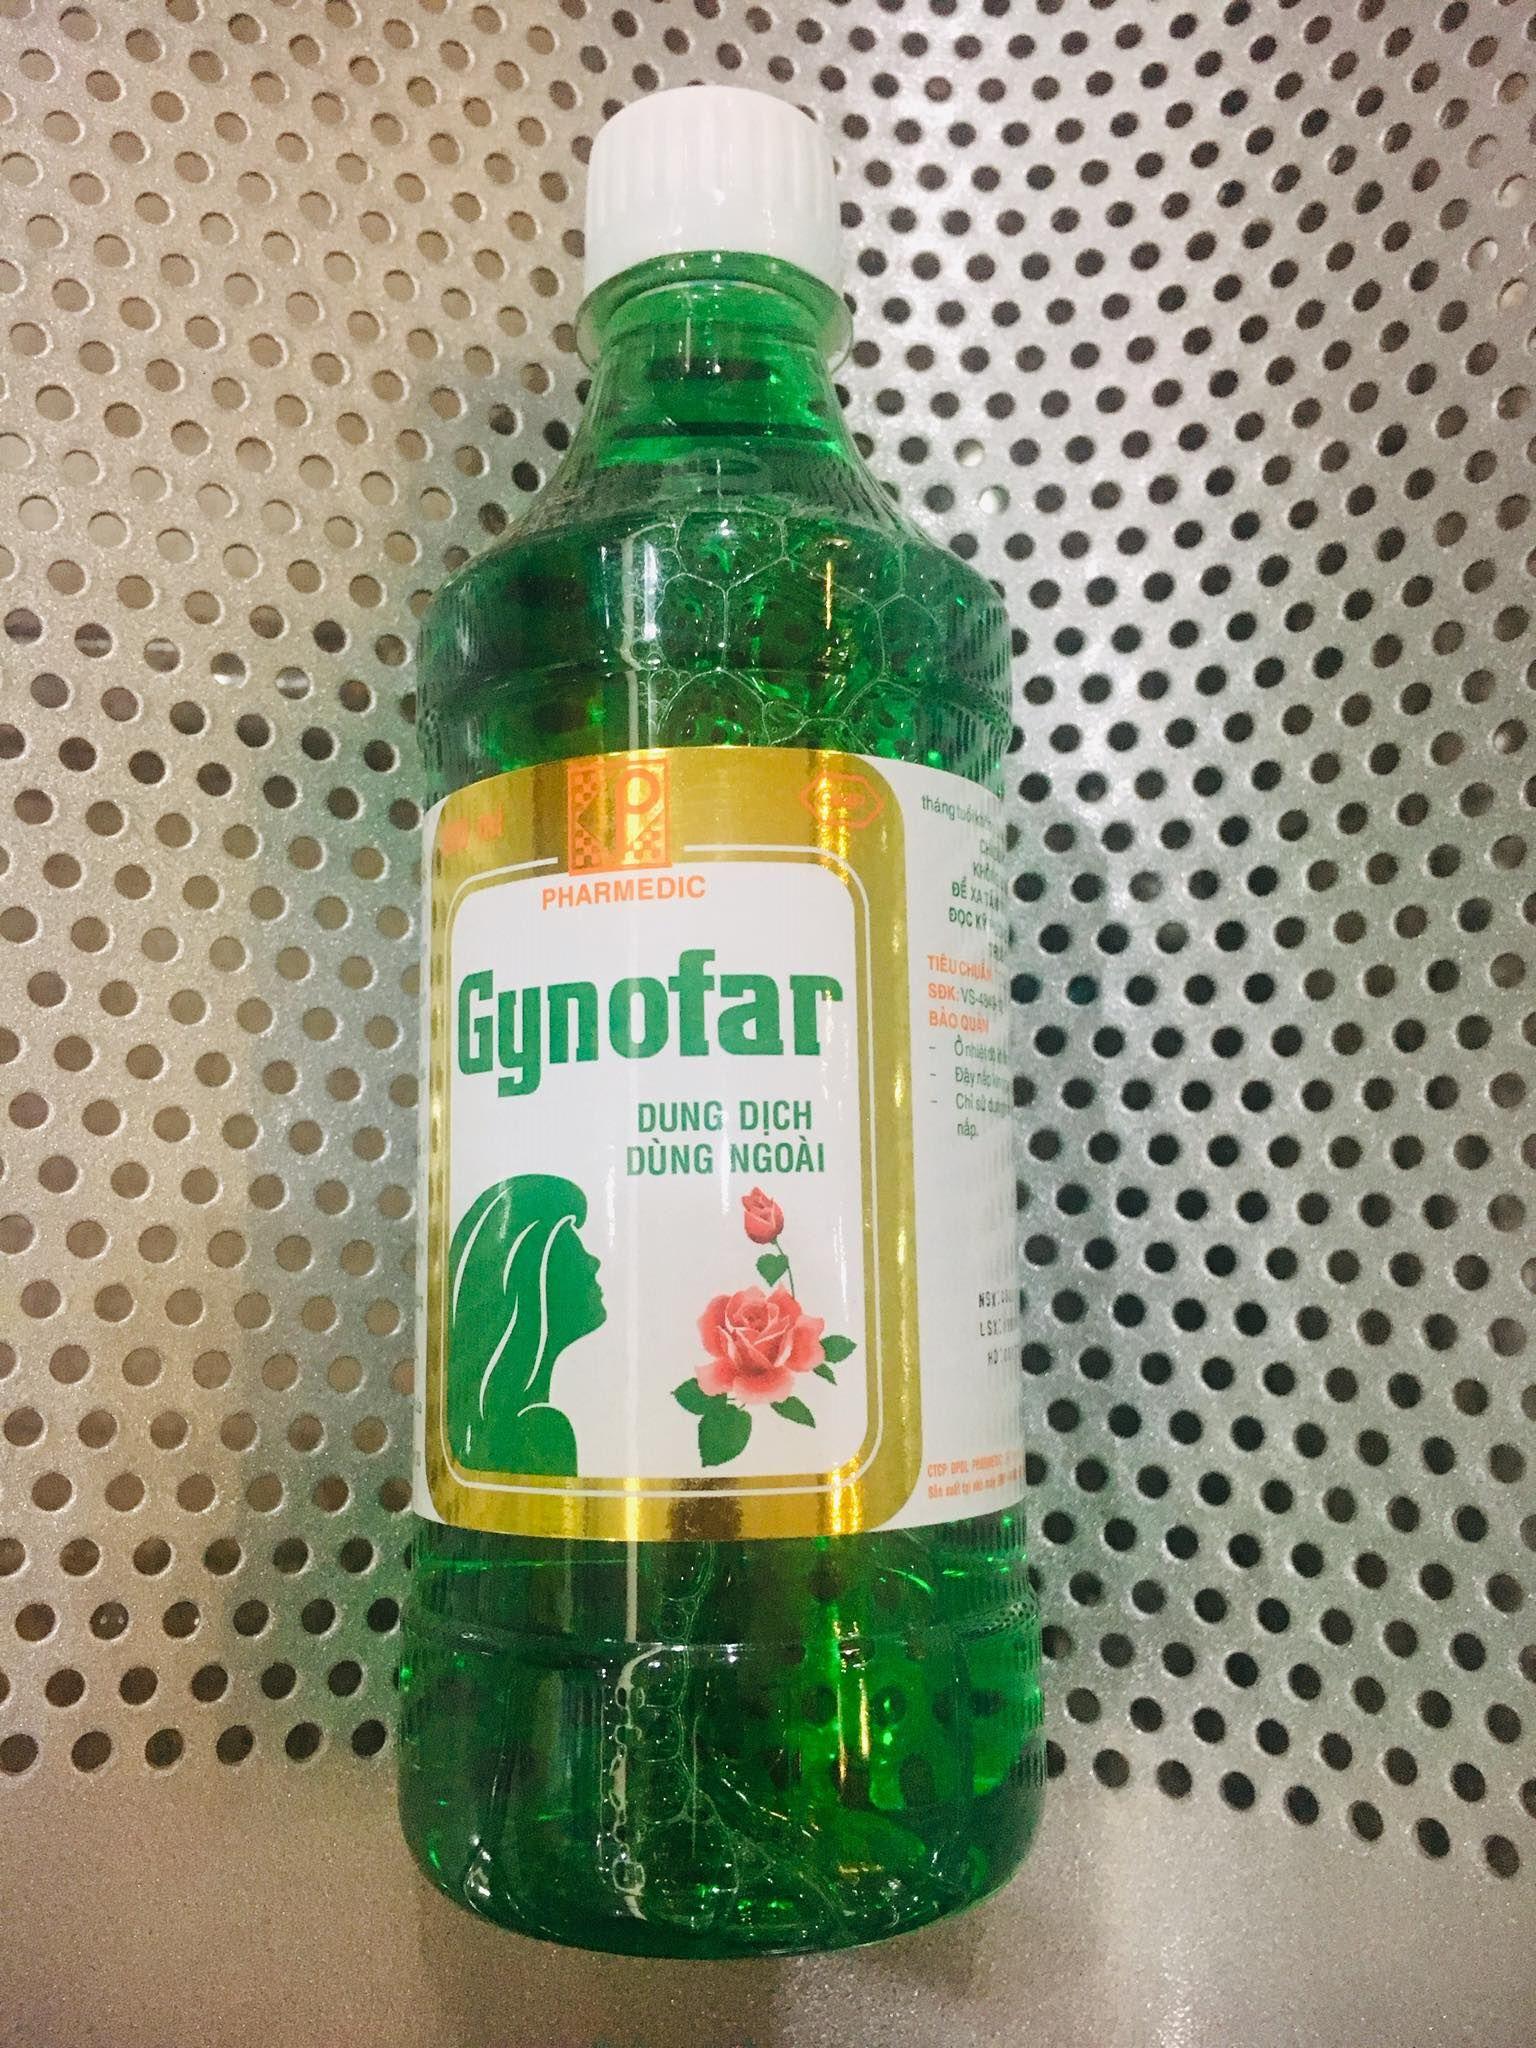 Gynofar 500ml